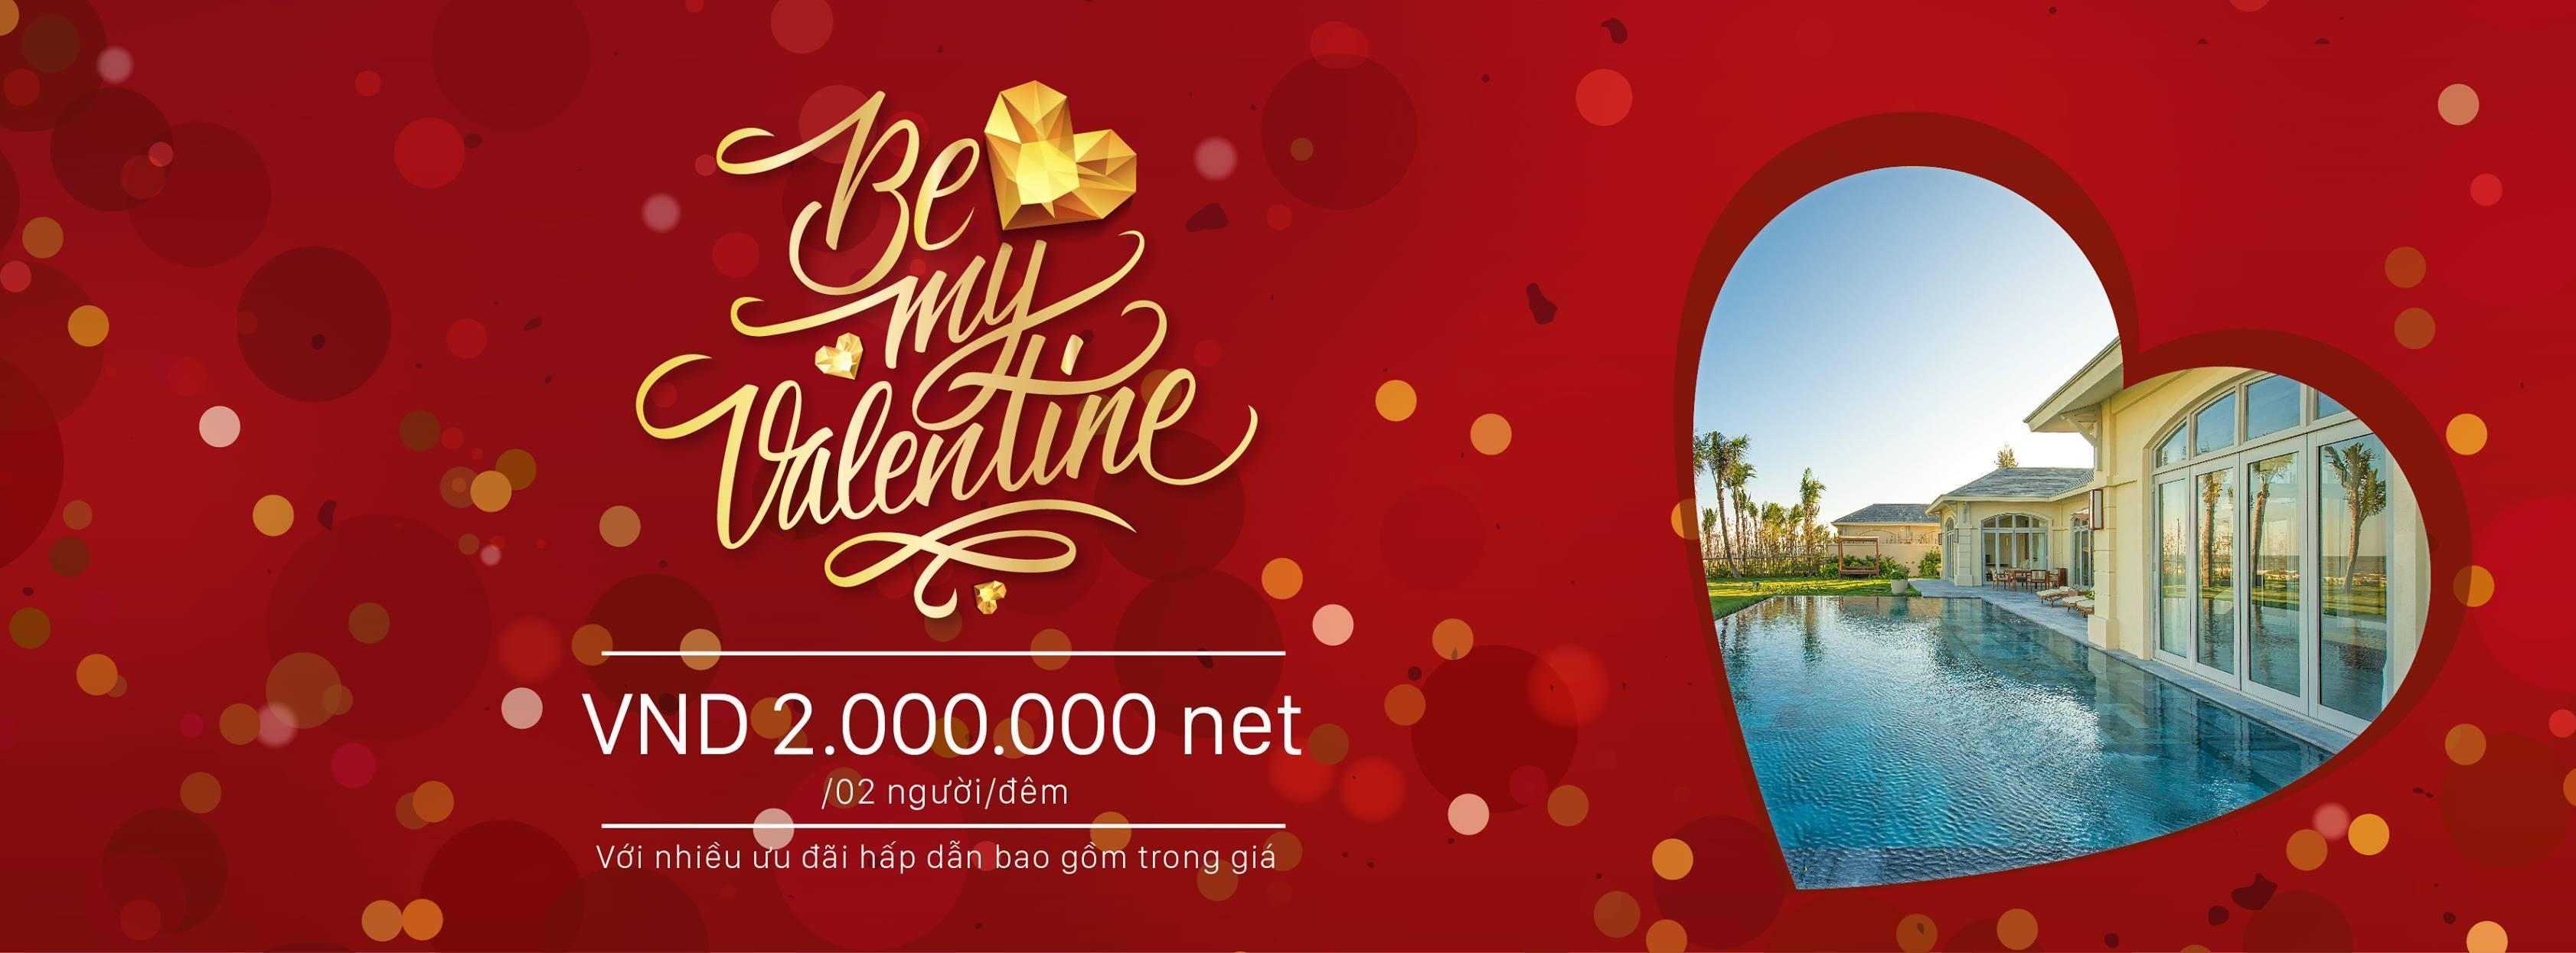 Chào đón Valentine tại FLC Sầm Sơn